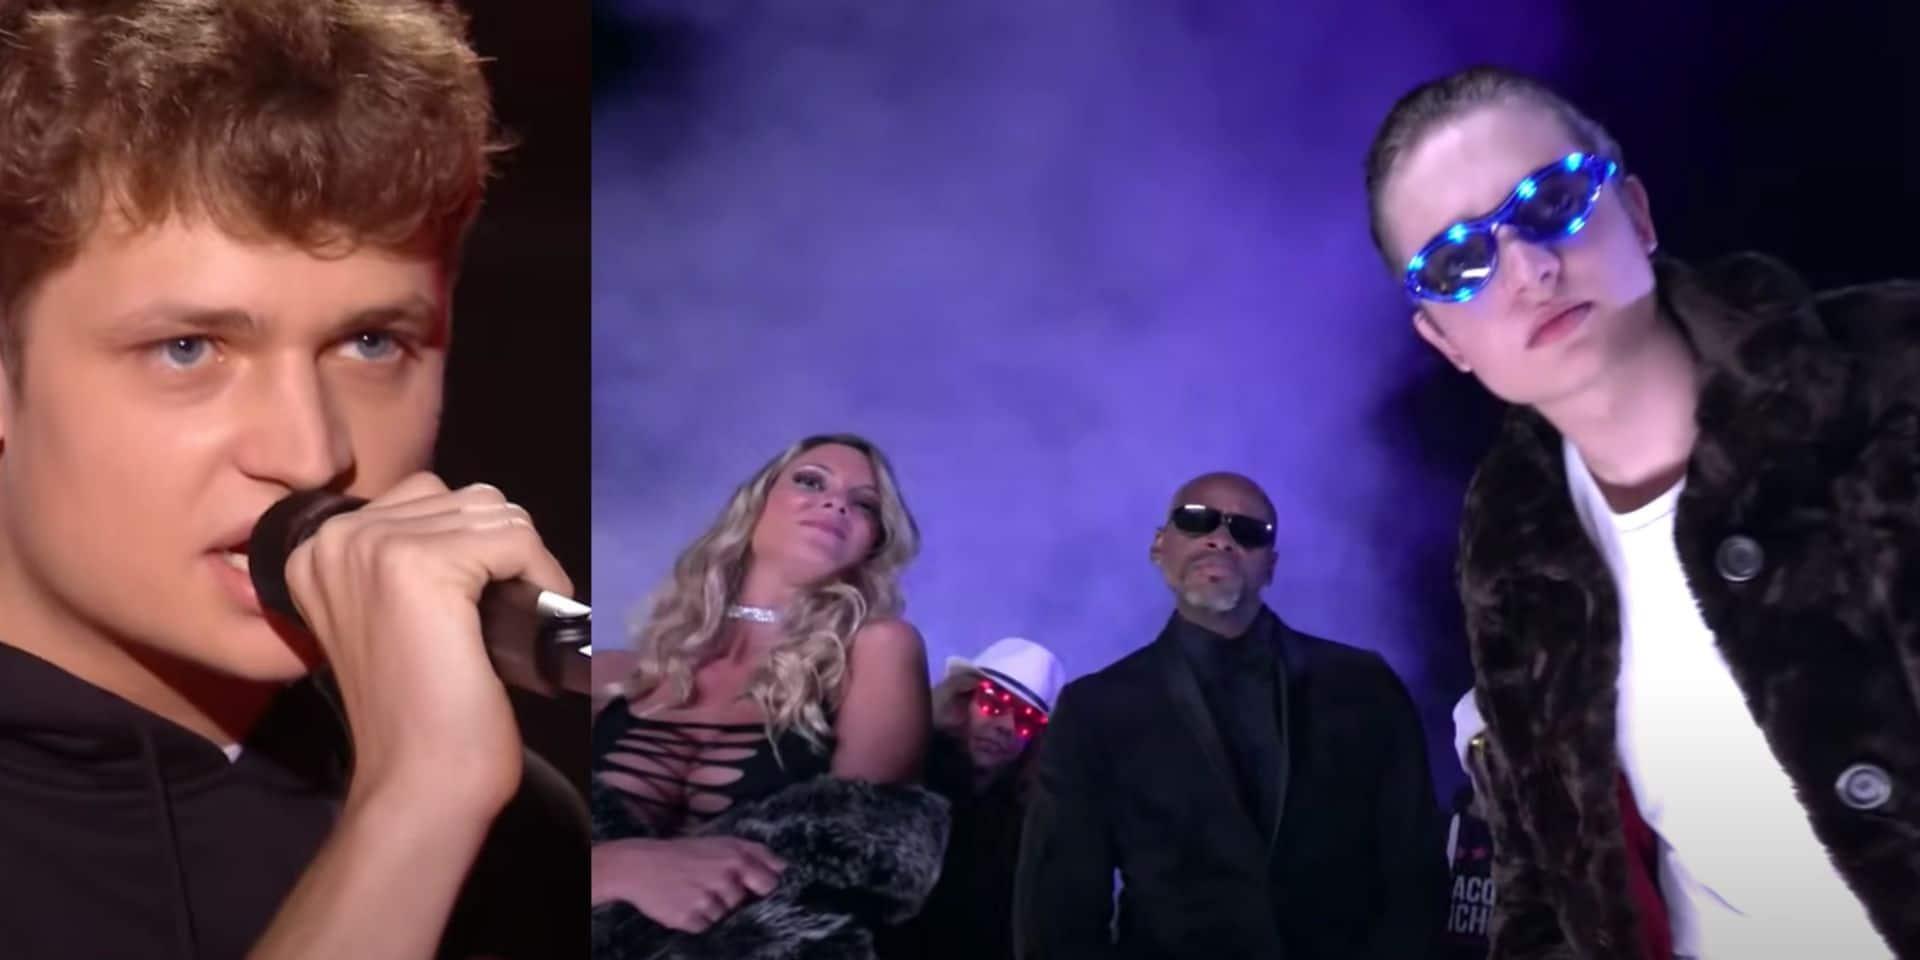 The Vivi, le candidat exclu de The Voice, a tourné un clip en partenariat avec... Jacquie et Michel